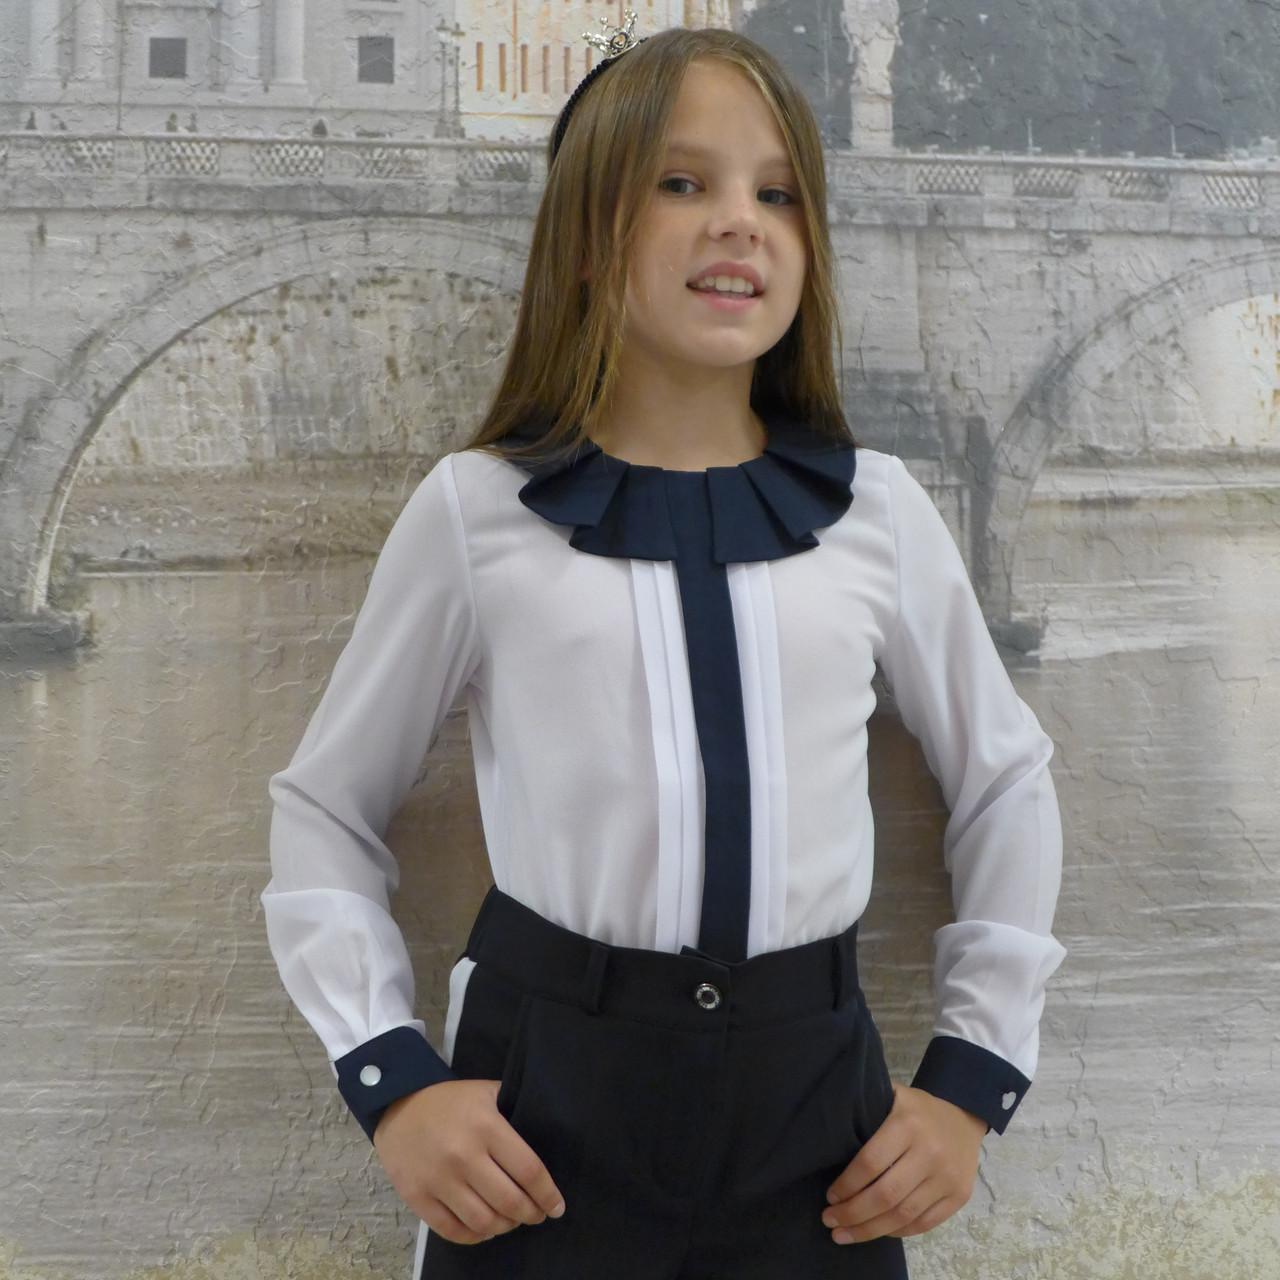 """Блузка для девочки """"Планка-жабо""""(белая с синей отделкой)"""